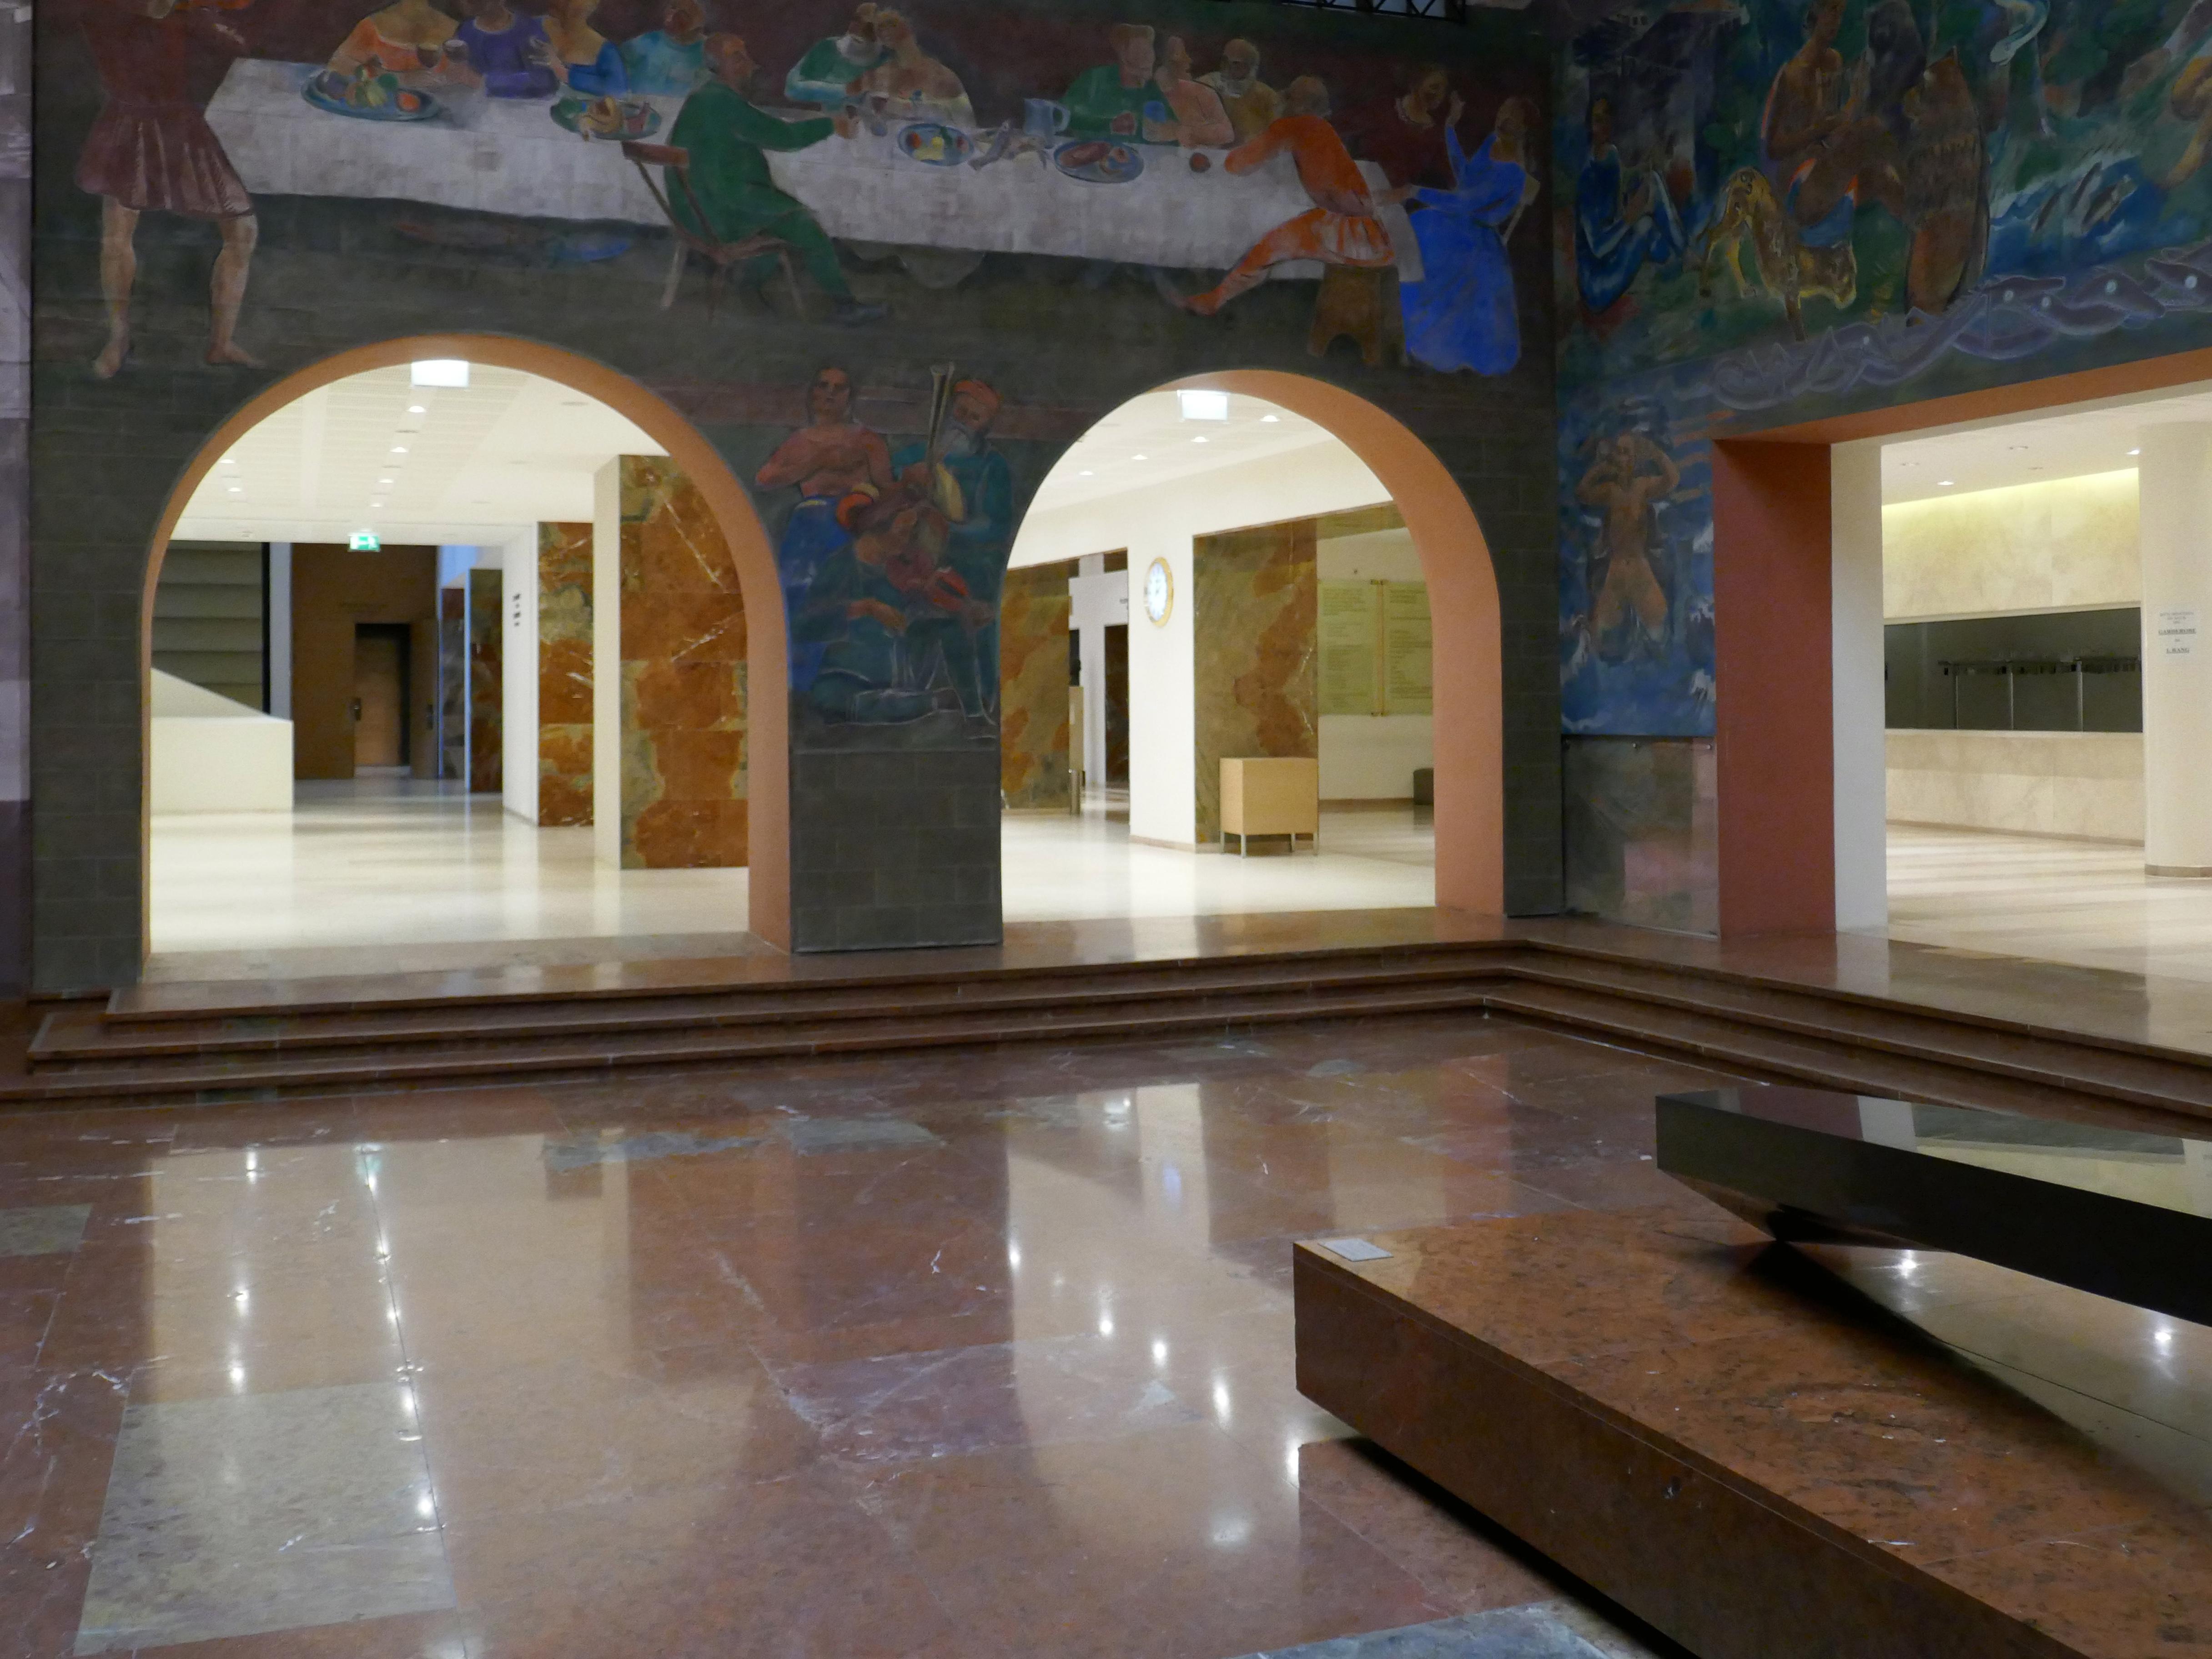 File:Haus für Mozart, Salzburg - Faistauer-Foyer (8).jpg - Wikimedia ...